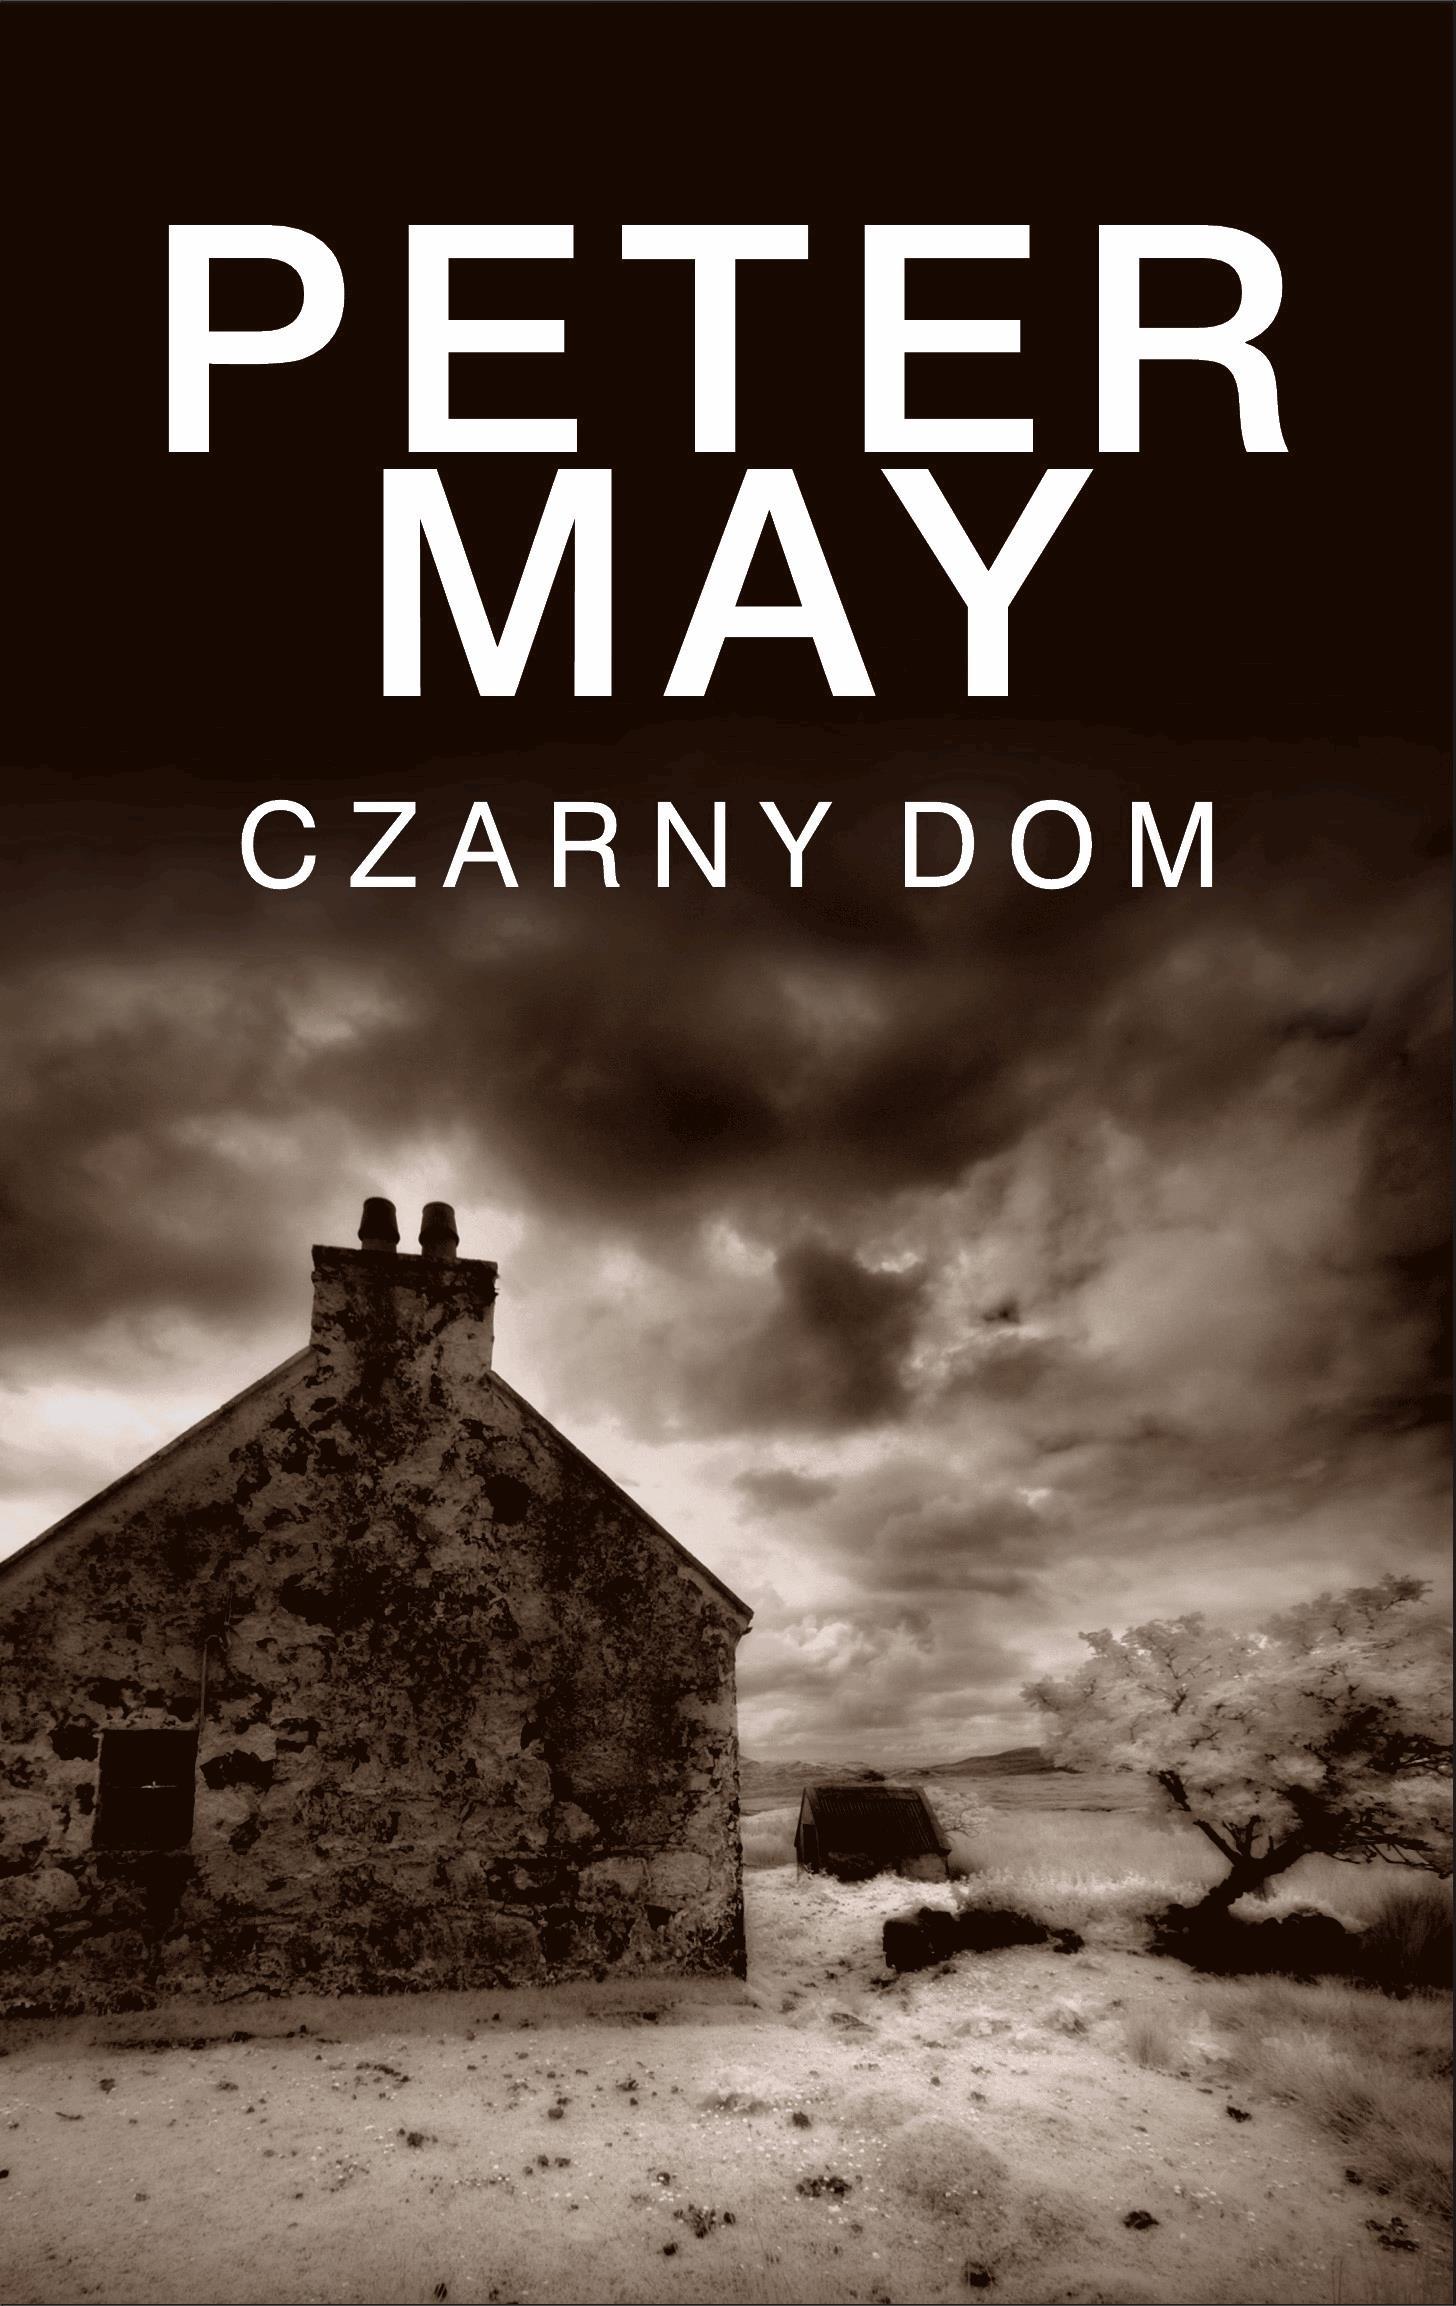 Czarny dom - Tylko w Legimi możesz przeczytać ten tytuł przez 7 dni za darmo. - Peter May